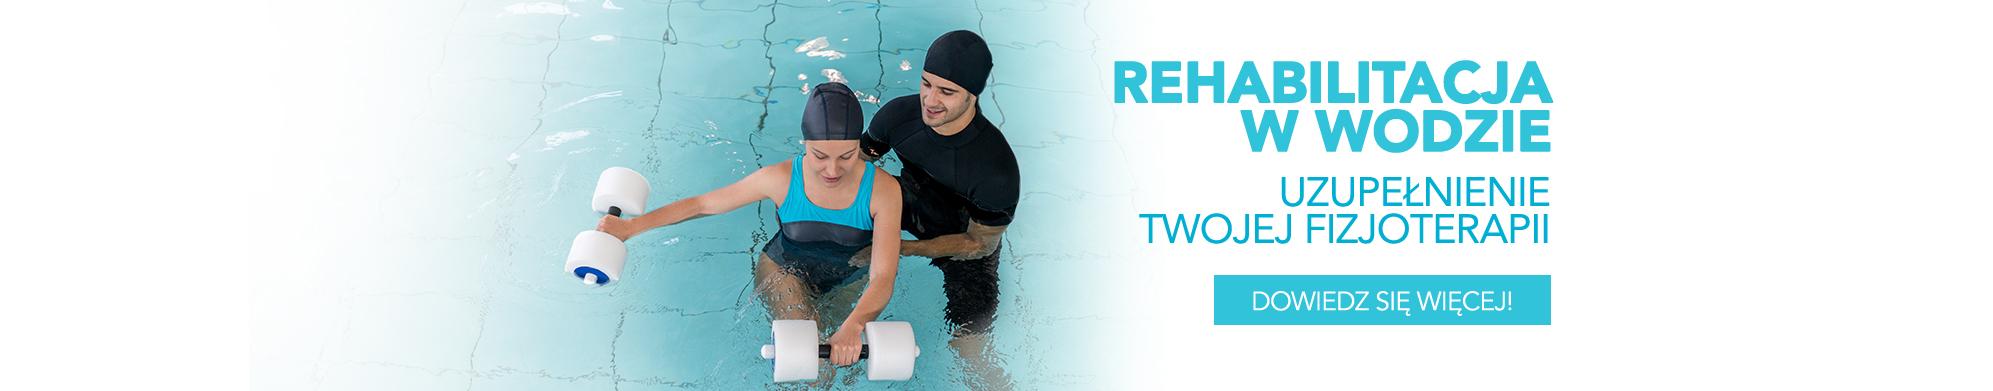 Rehabilitacja w wodzie dedykowana jest dla osób skarżących się bóle stawów biodrowych, barkowych i kręgosłupa.